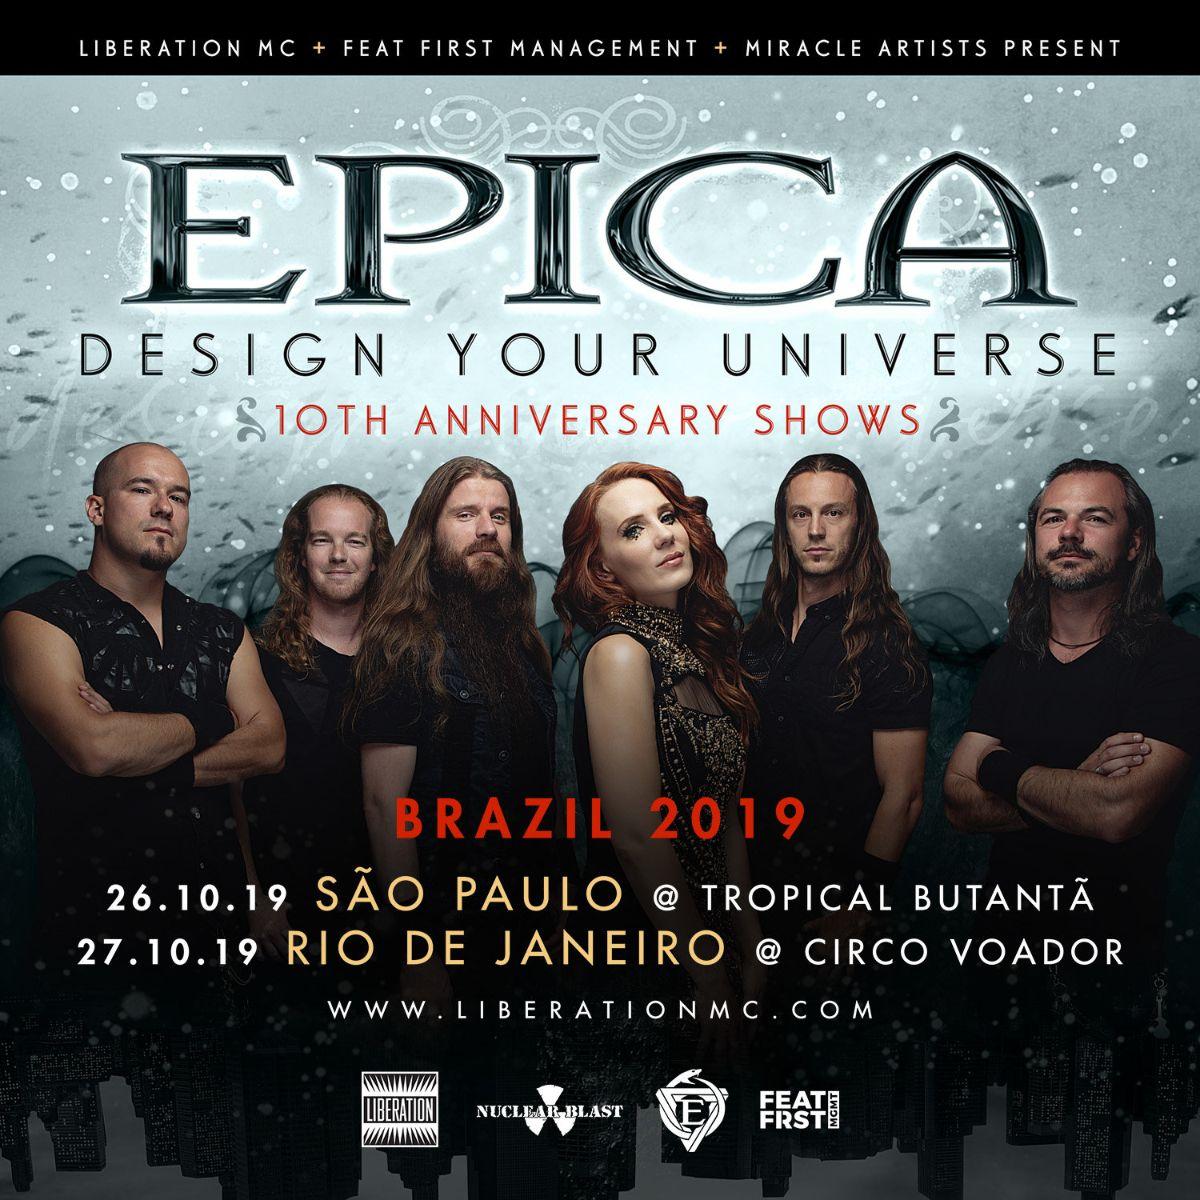 """Epica envia mensagem aos fãs para shows da histórica """"Design Your Universe – 10th Anniversary Tour 2019"""" na América Latina"""